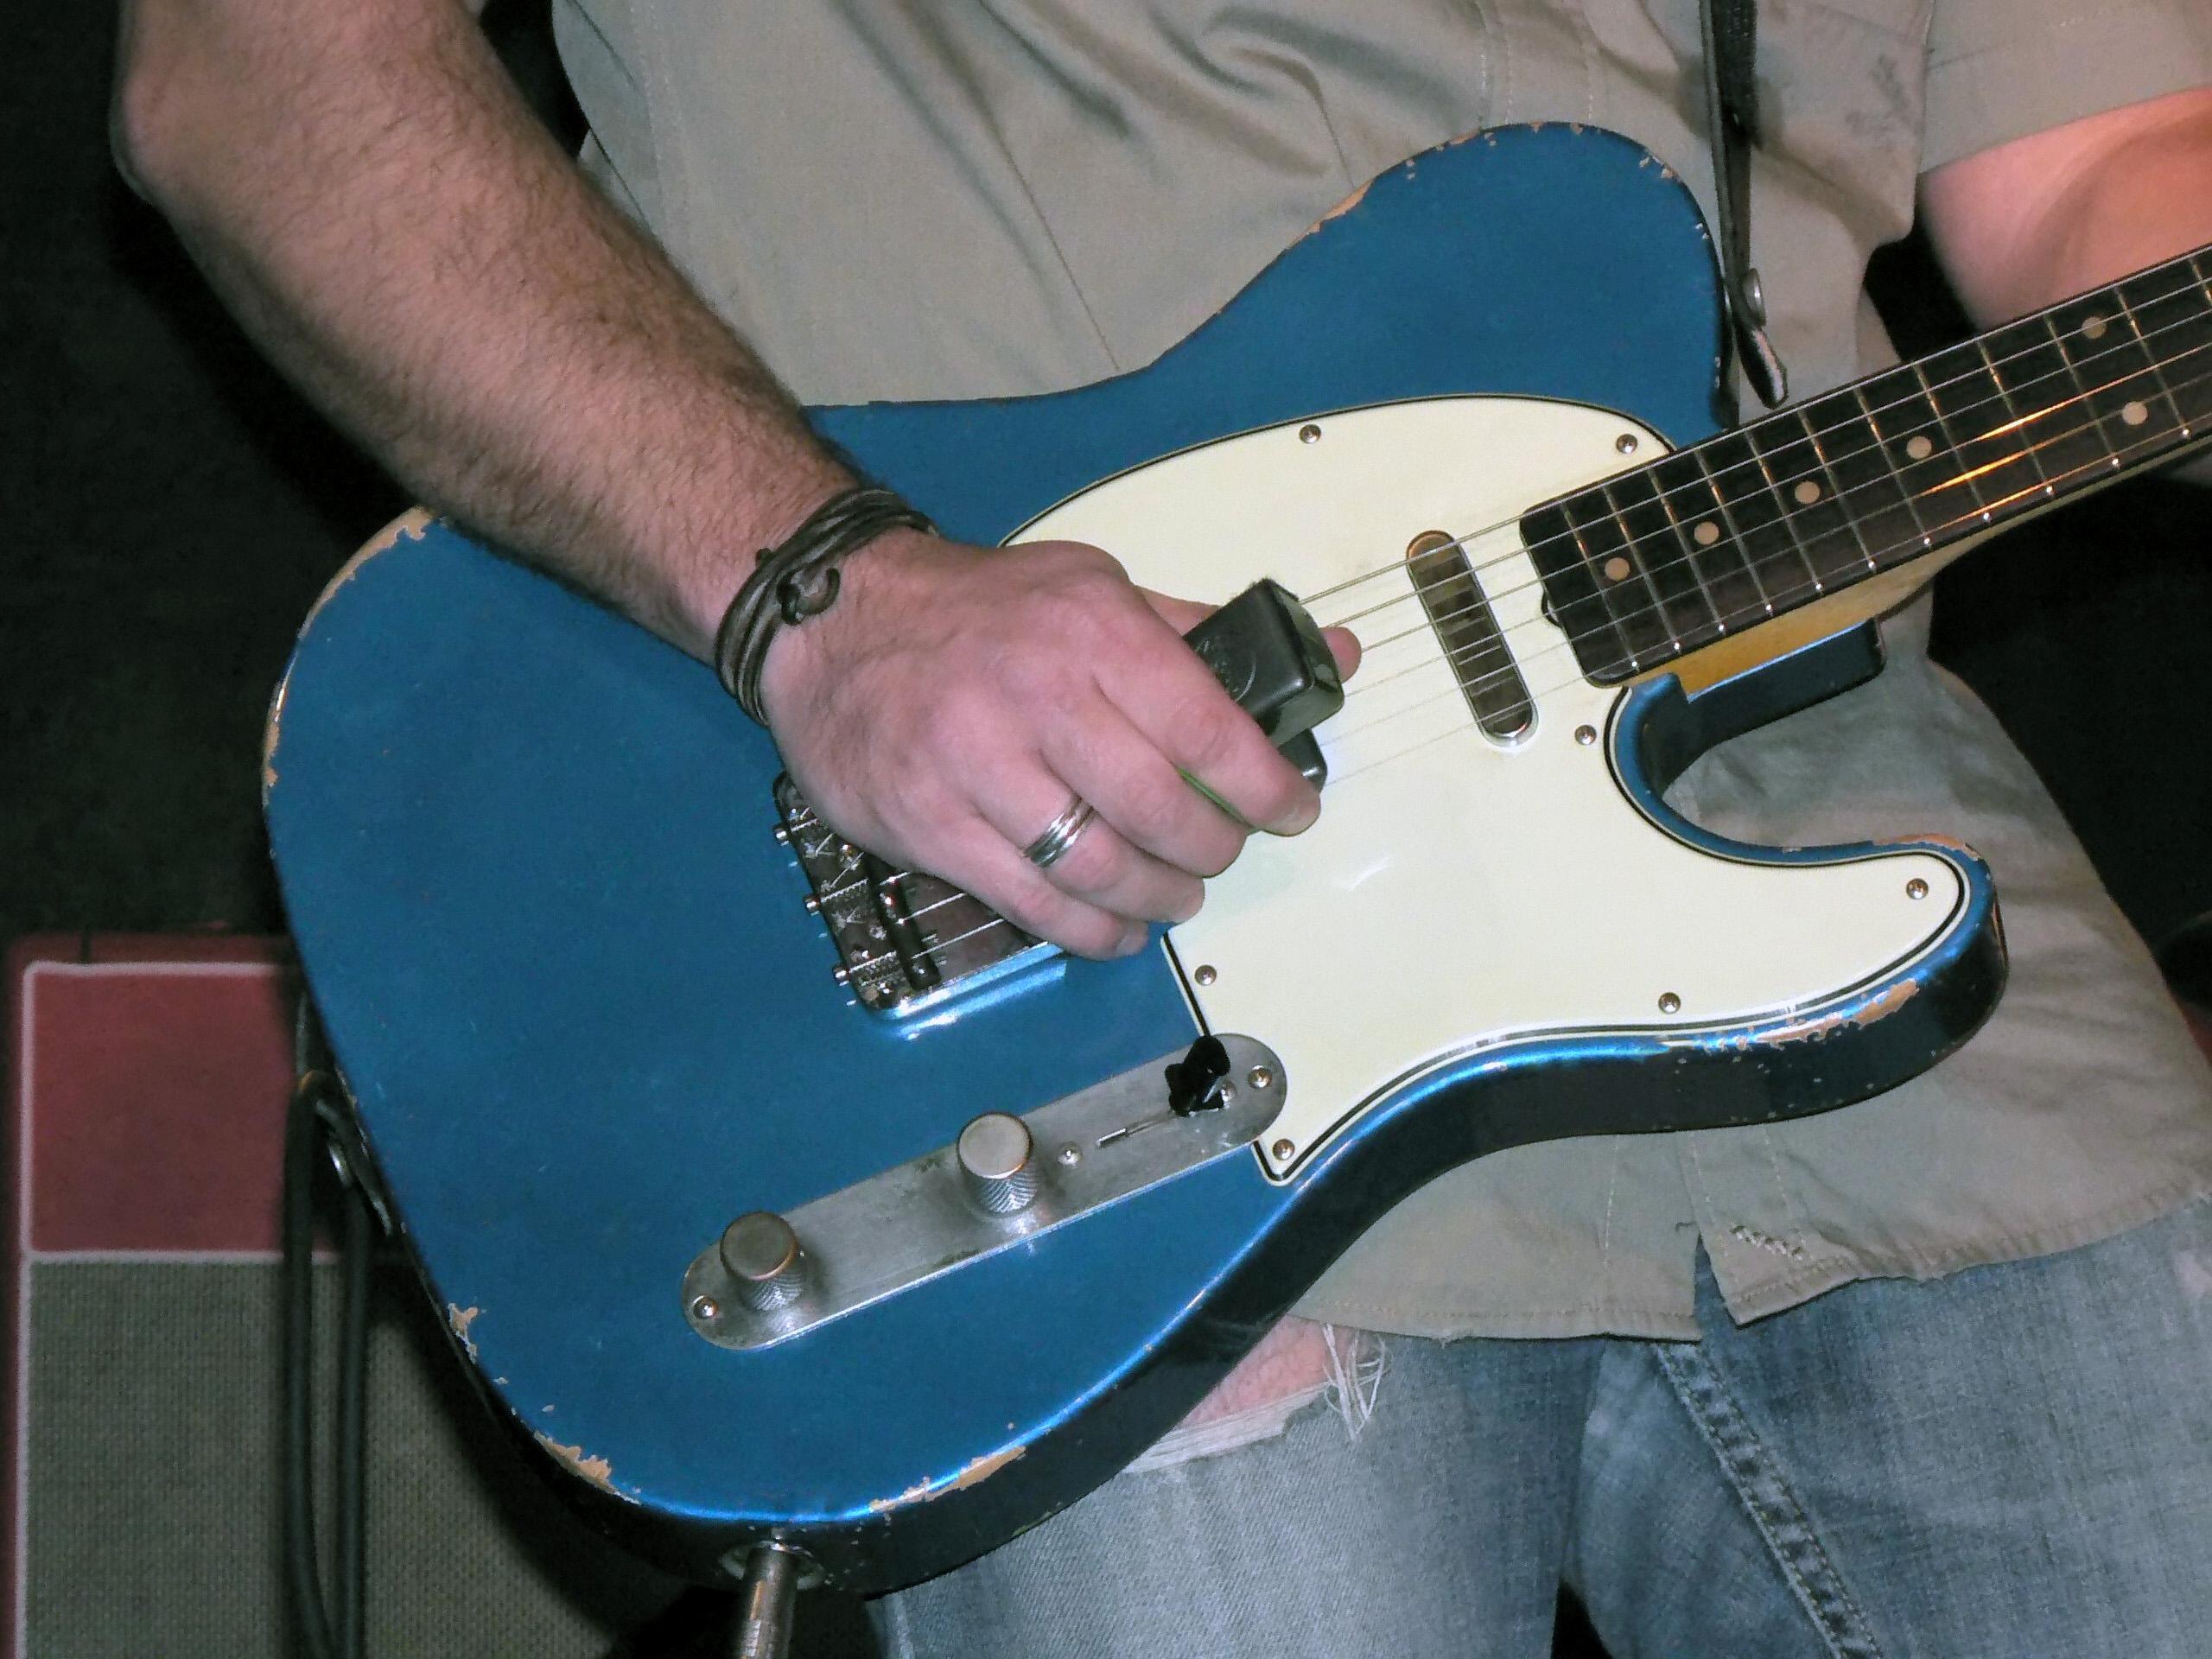 Una Fender Telecaster azul y blanca como esta fue usada por Spinetta para tocar en 2005 en la Casa Rosada. En 2011 Luis Alberto la dejó en la habitación donde convalecía Gustavo Cerati para que lo acompañara.